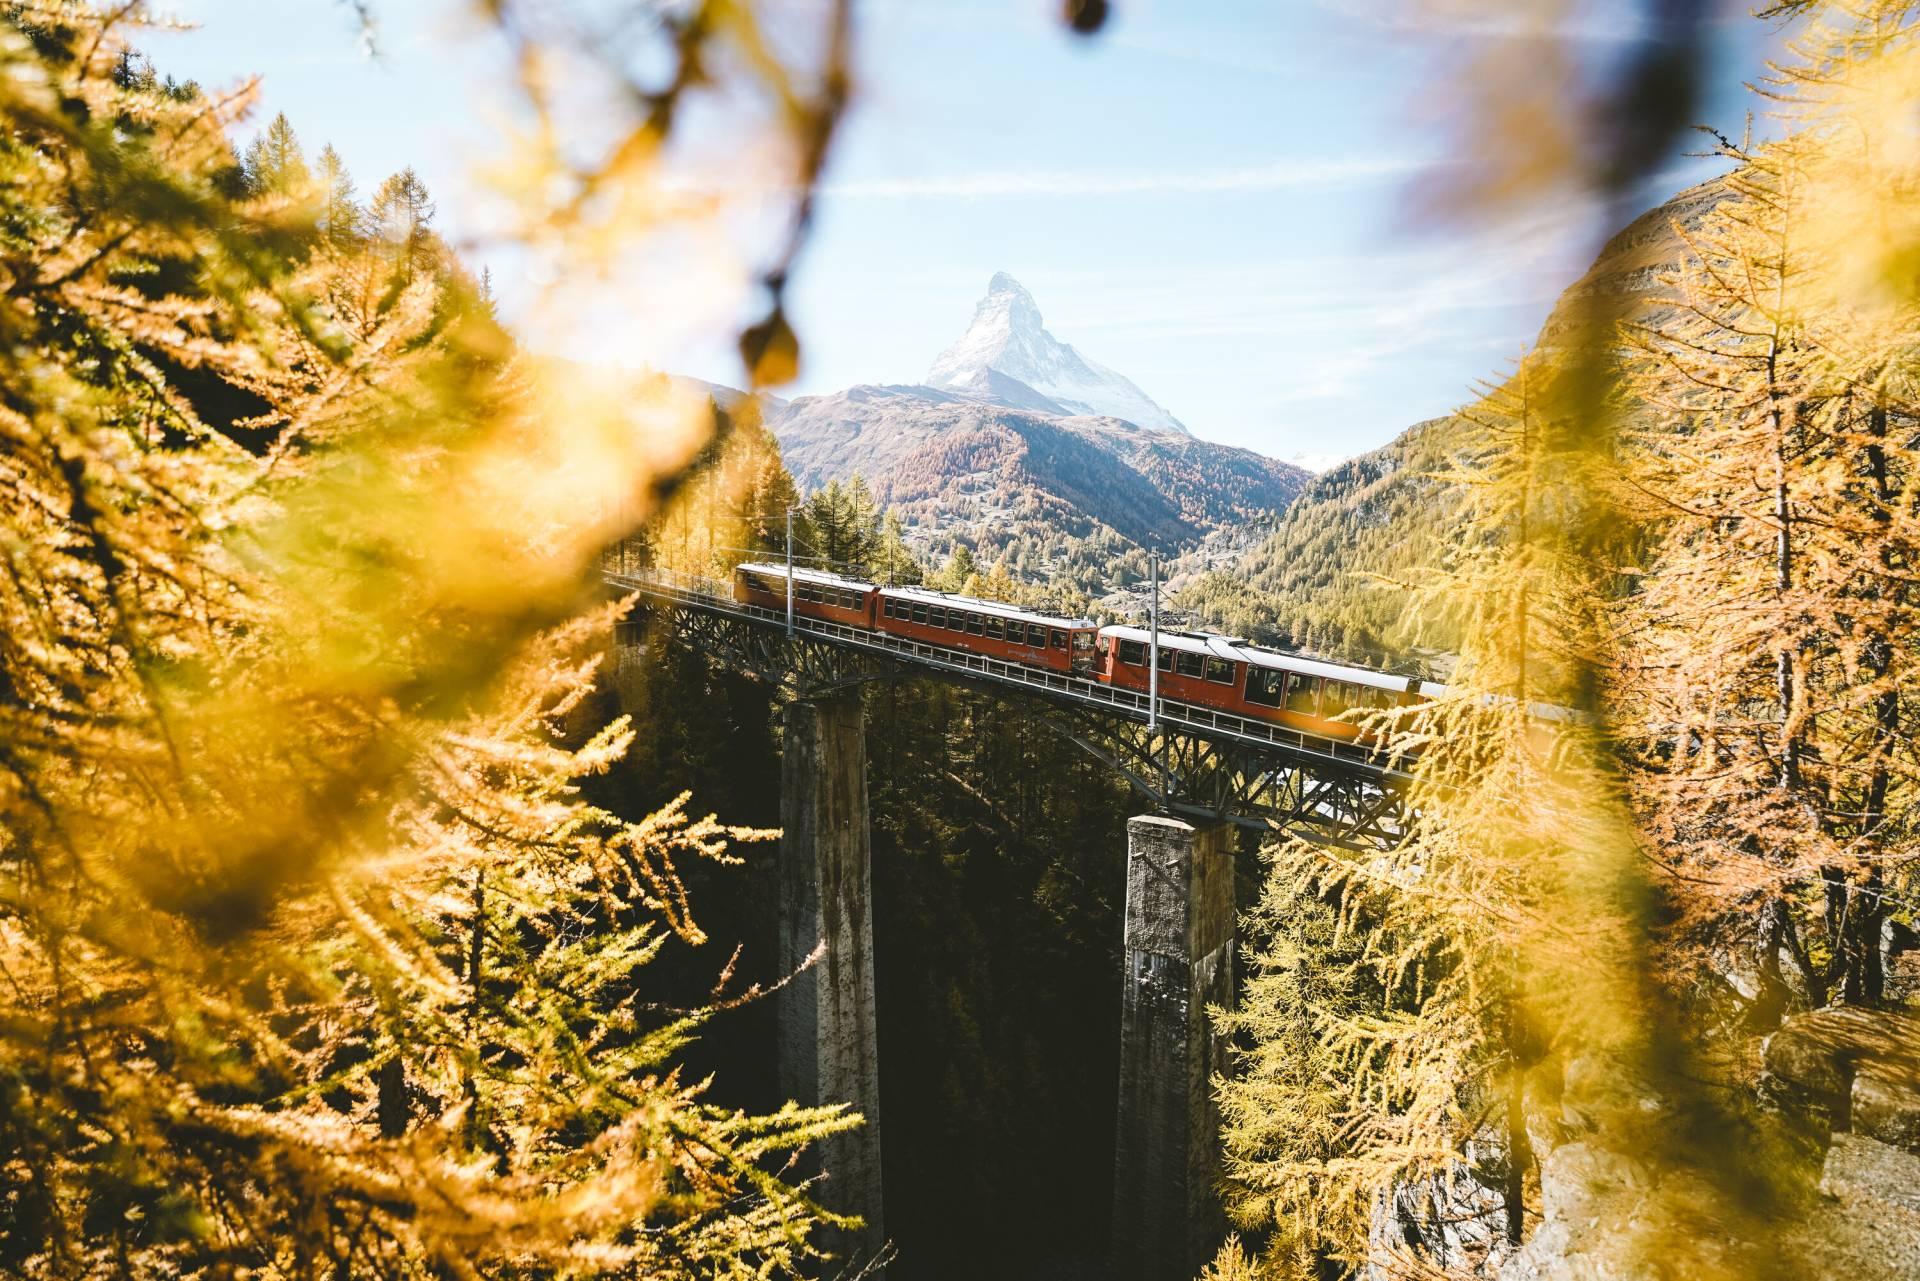 Gornergrat railway on the Findelbach bridge above Zermatt in autumn